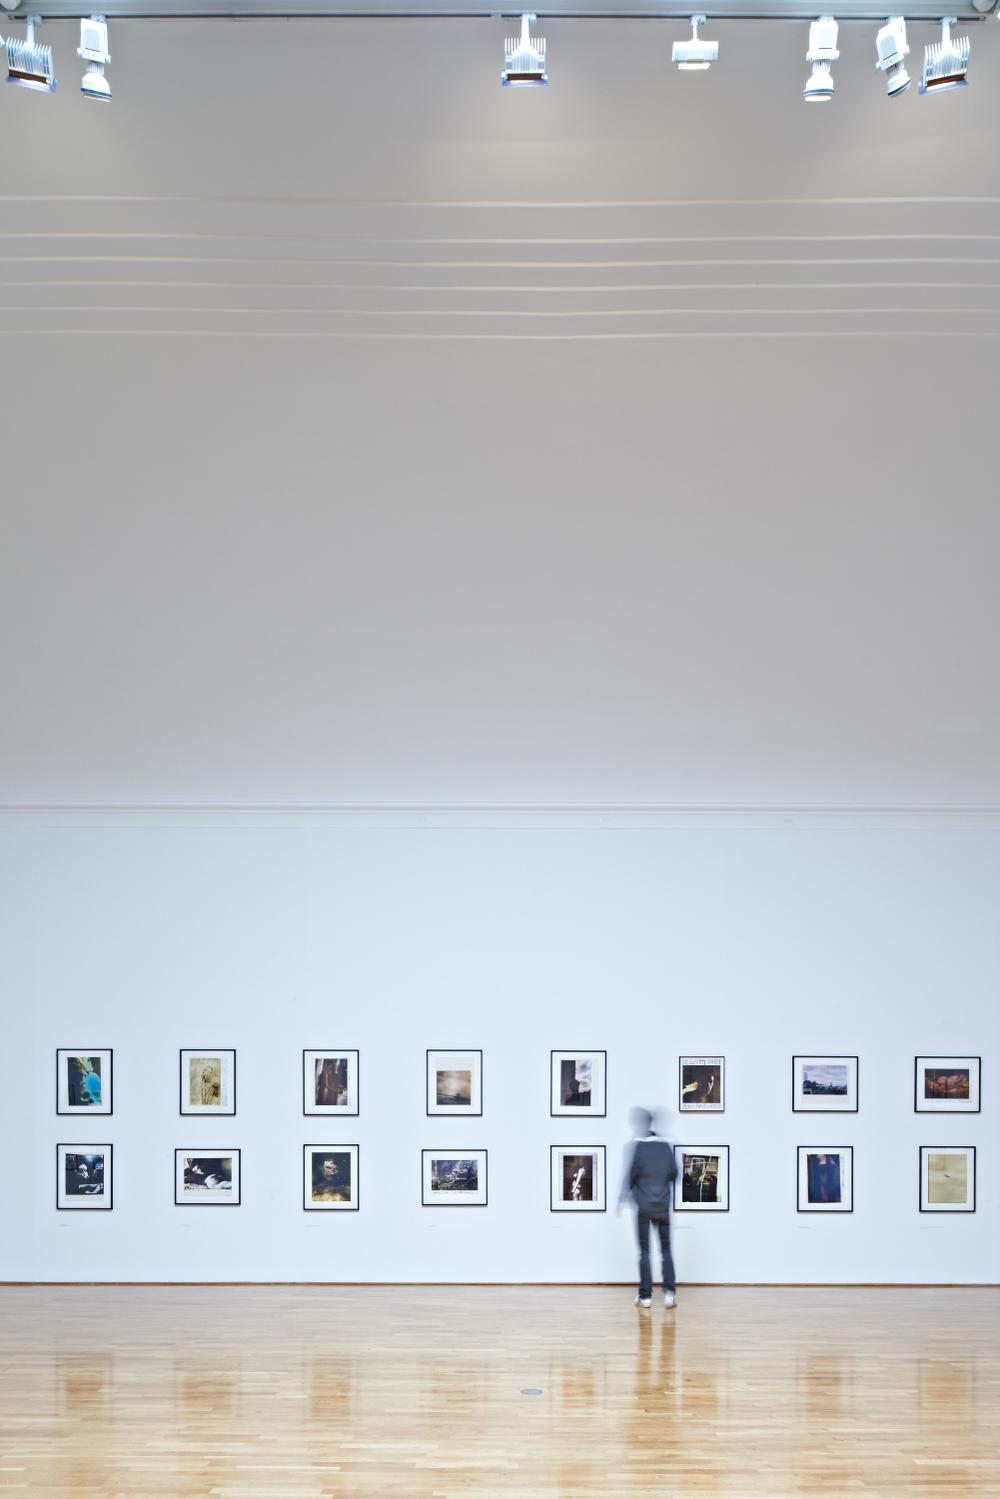 jann-averwerser-münchen-architekturfotograf-fotograf-interior-interieur-münchen- 41.jpg